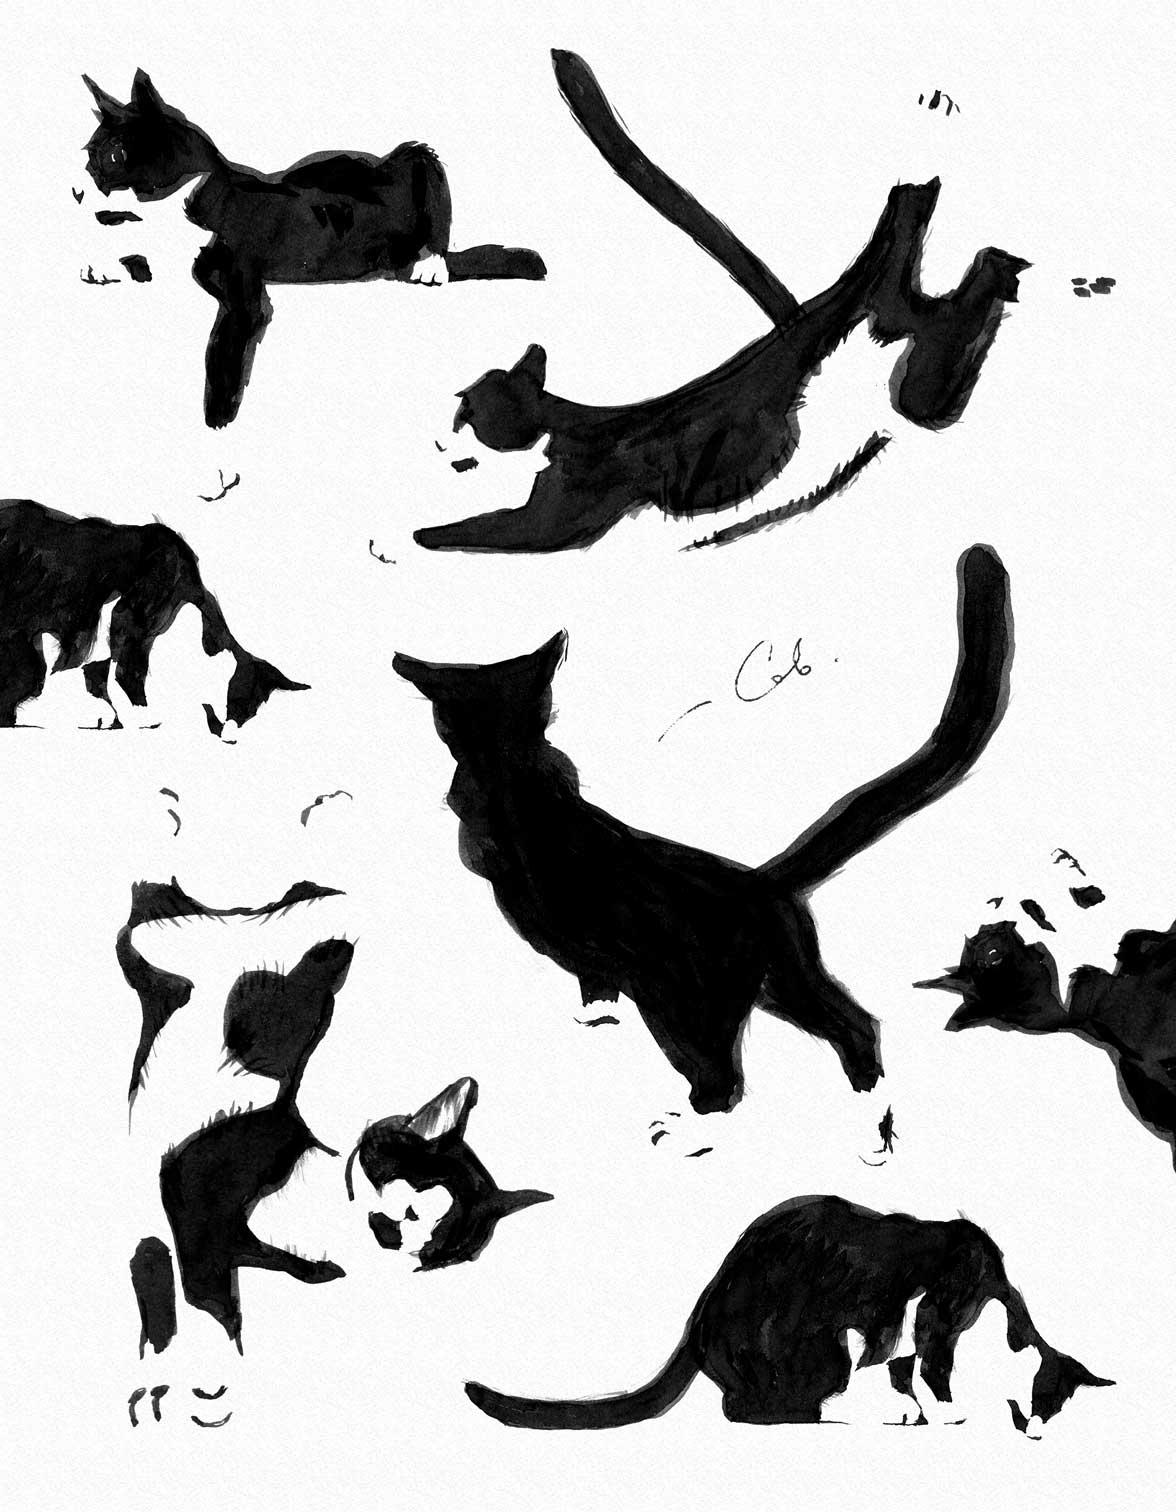 Косатики 2018, letër, bojë shkrimi, 70х90, кот, кошка